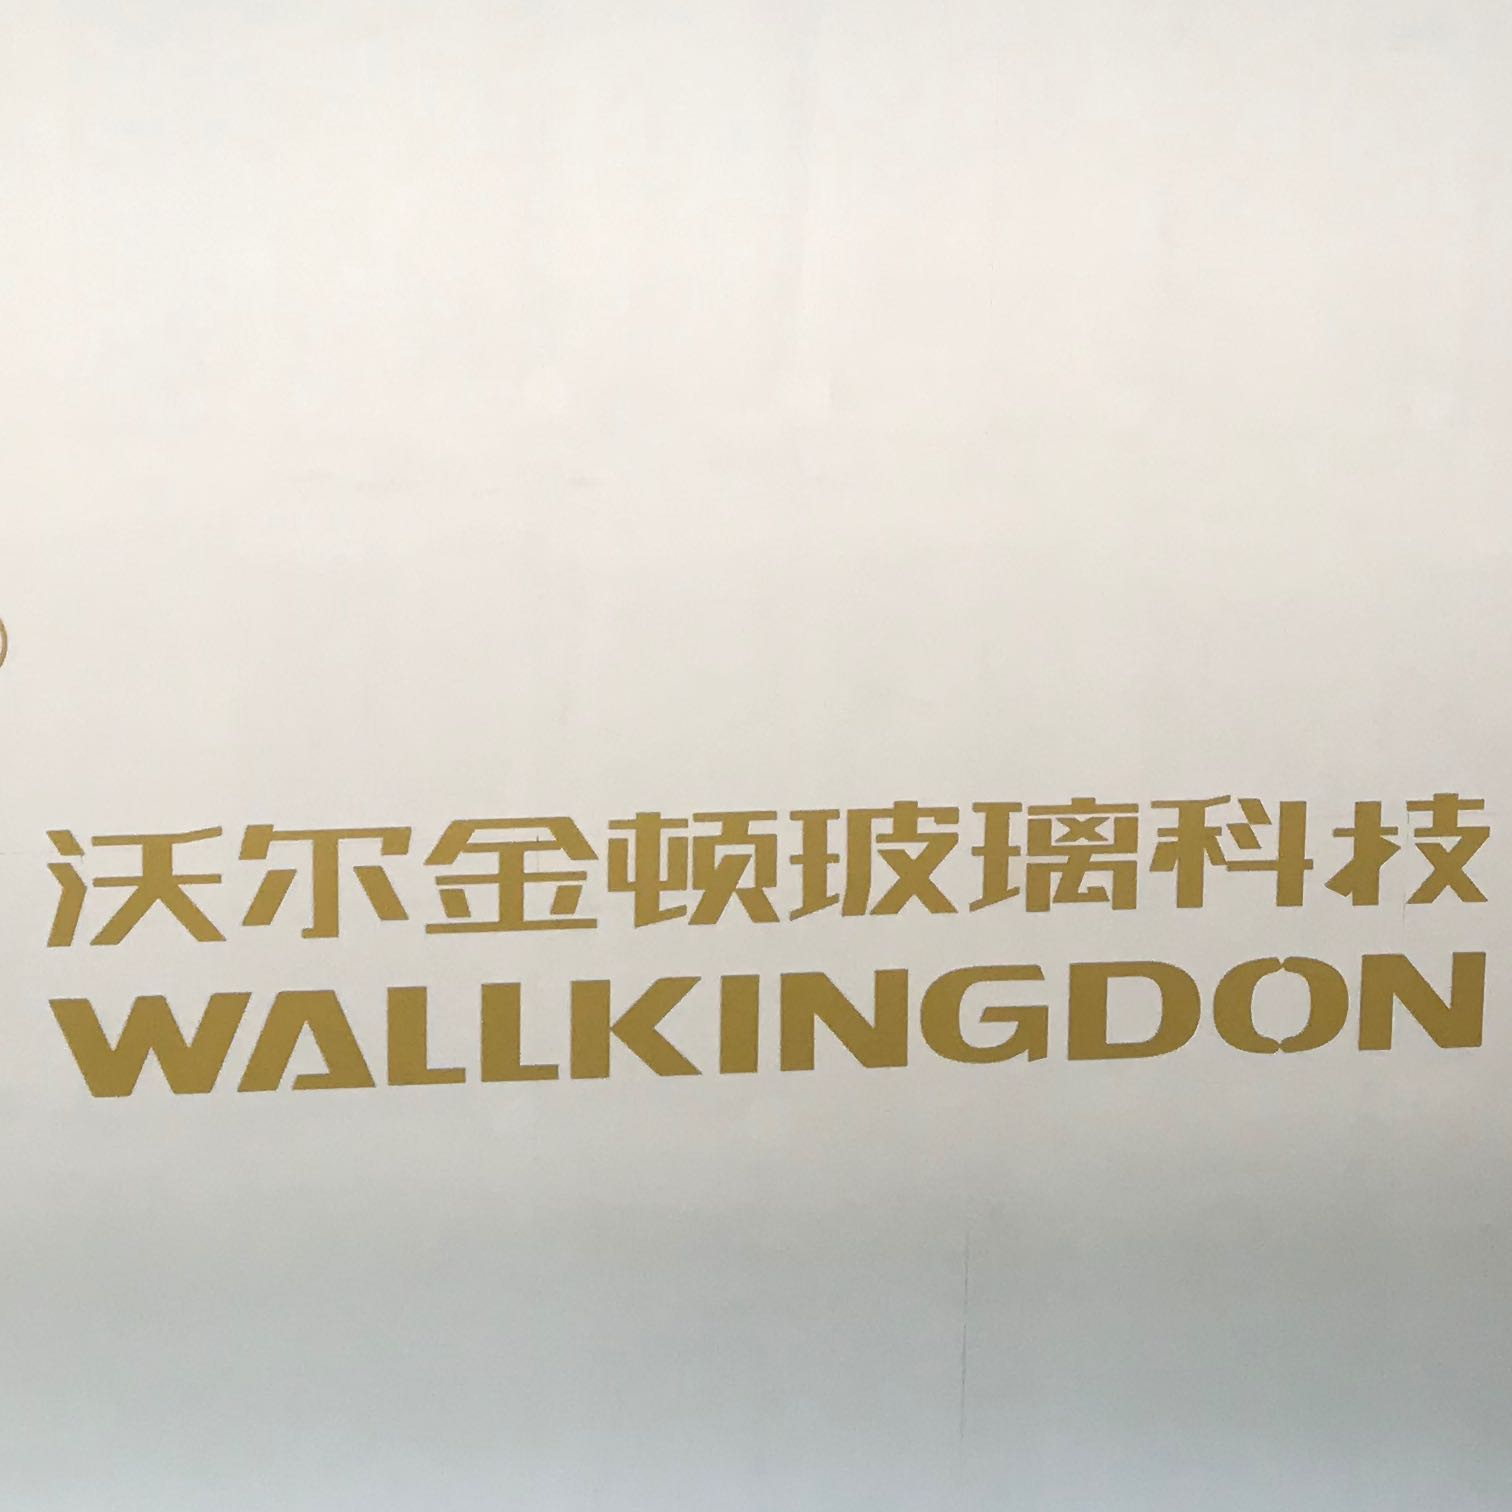 沃尔金顿玻璃科技(海南)有限公司